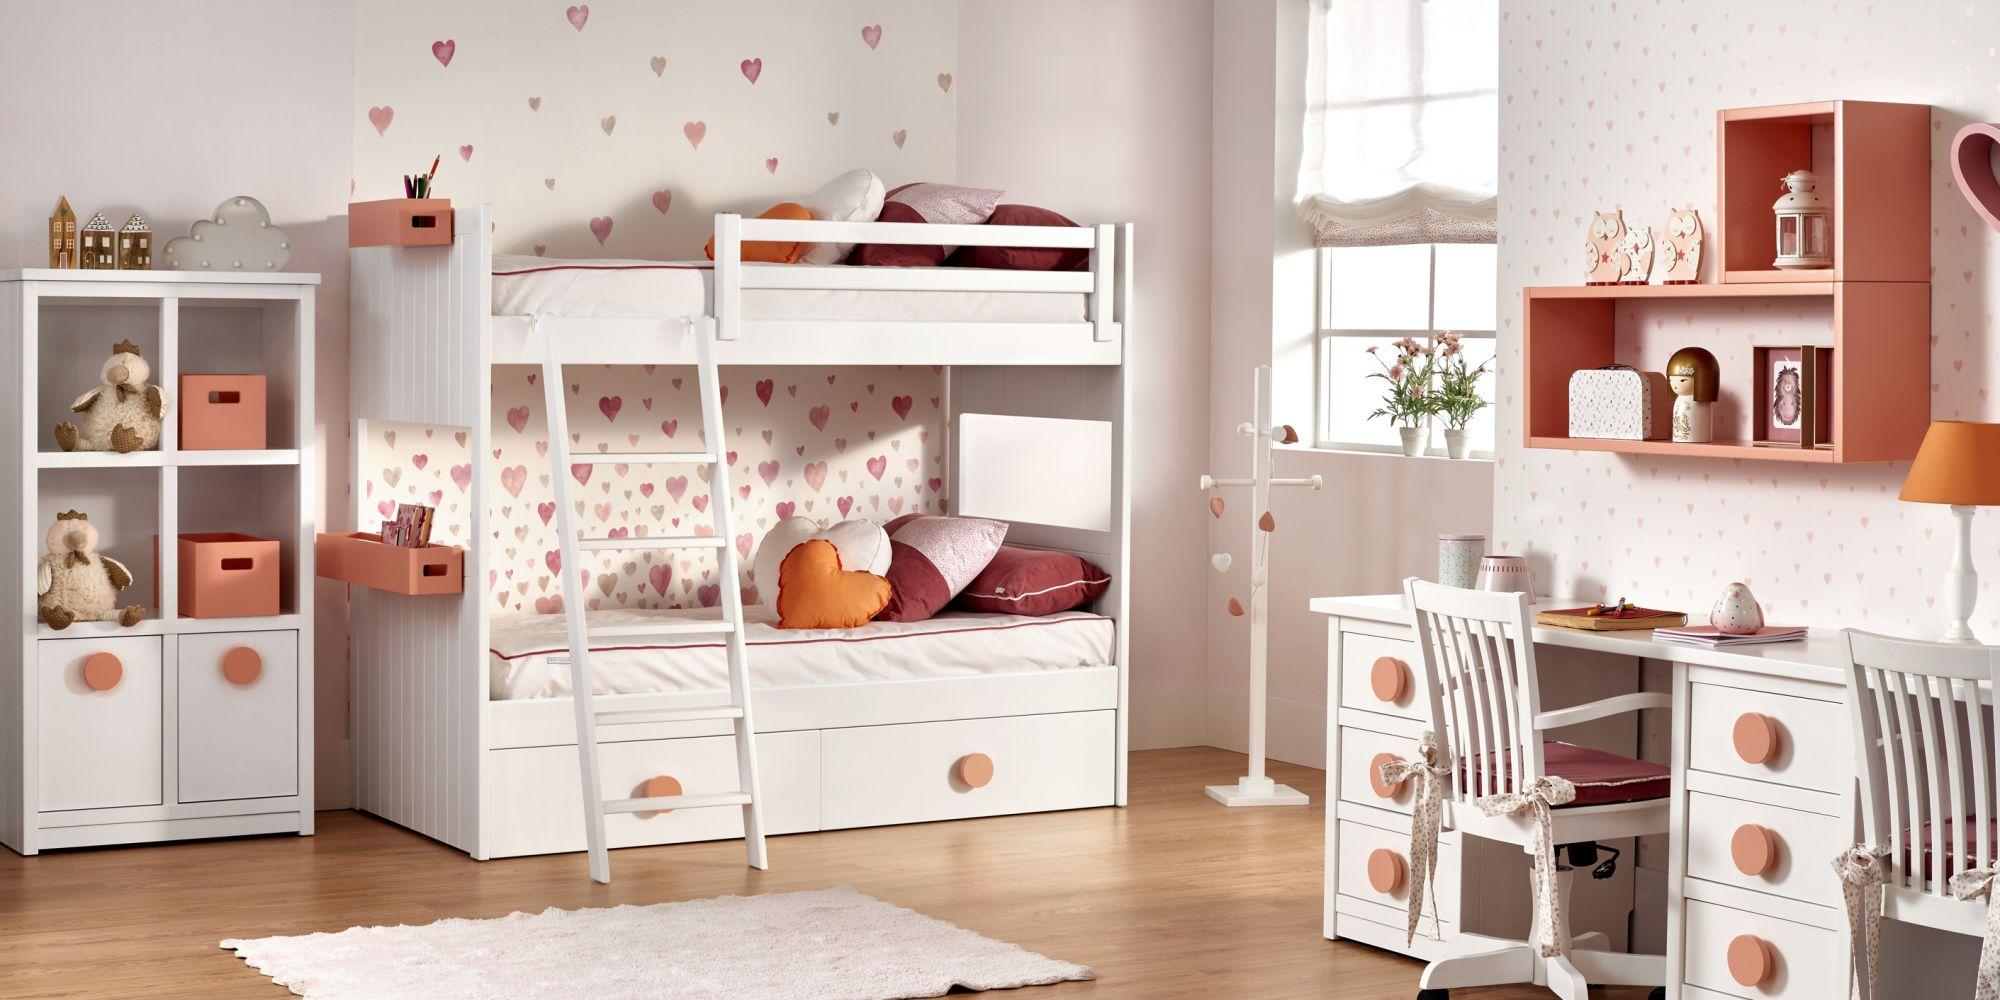 Dormitorio para dos con litera y detalles en color naranja